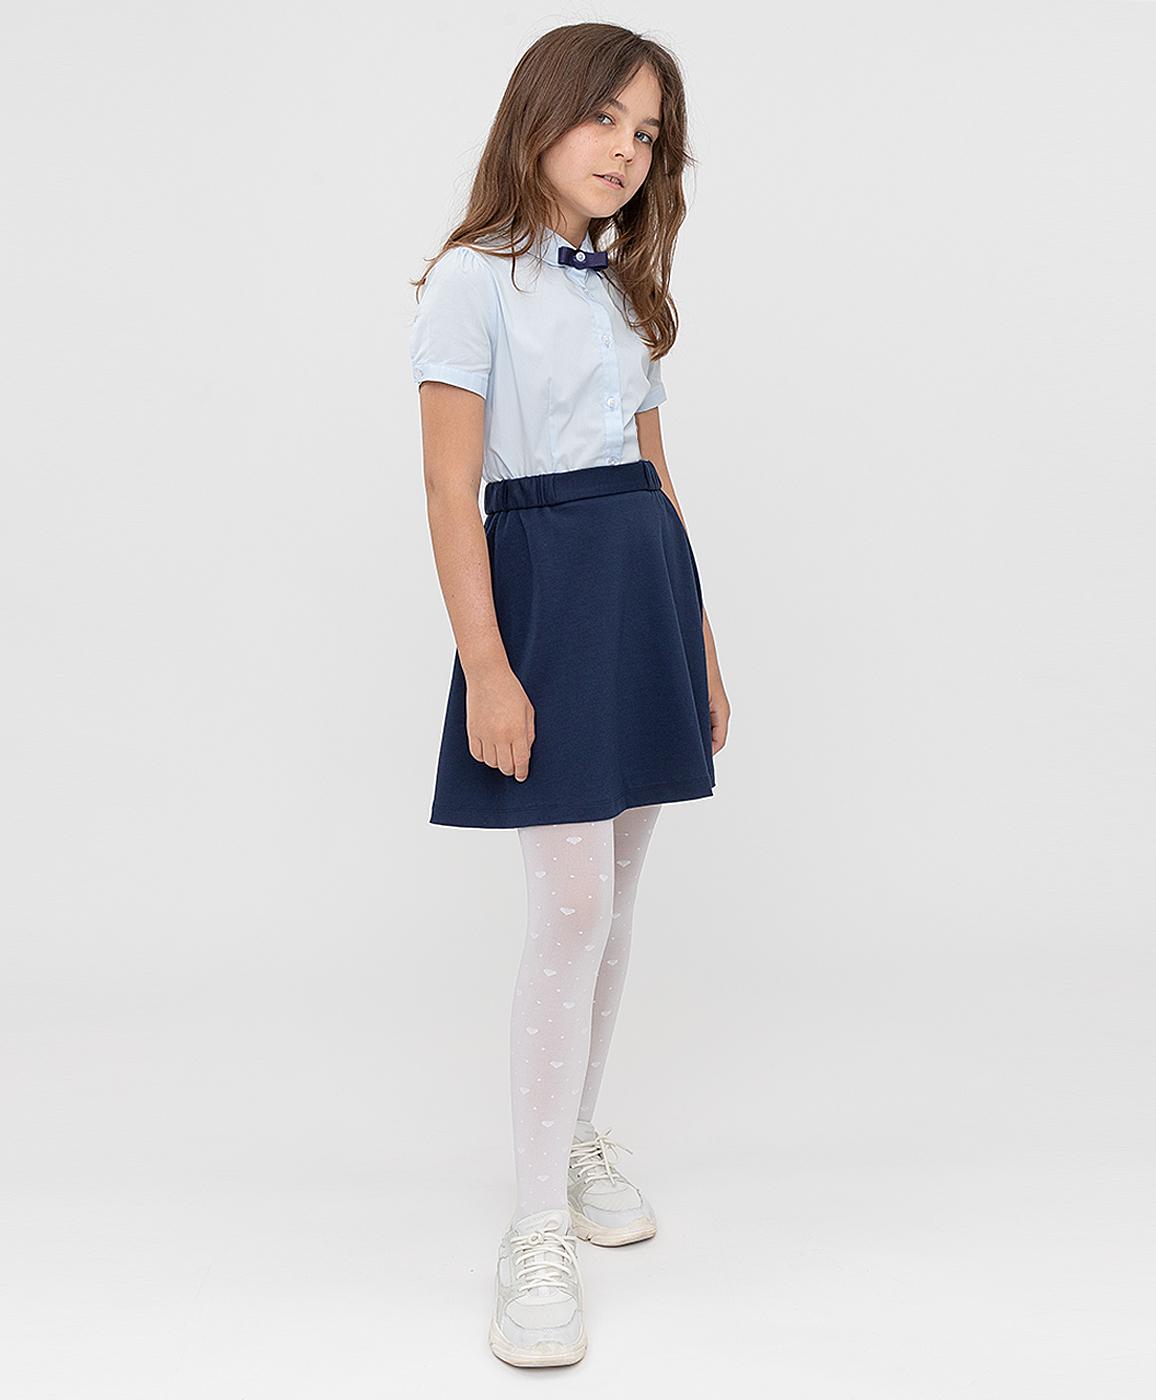 Купить 221BBGS55021000, Юбка синяя Button Blue, 152, Полиэстер, Женский, ШКОЛЬНАЯ ФОРМА 2021-2022 (shop: GulliverMarket Gulliver Market)